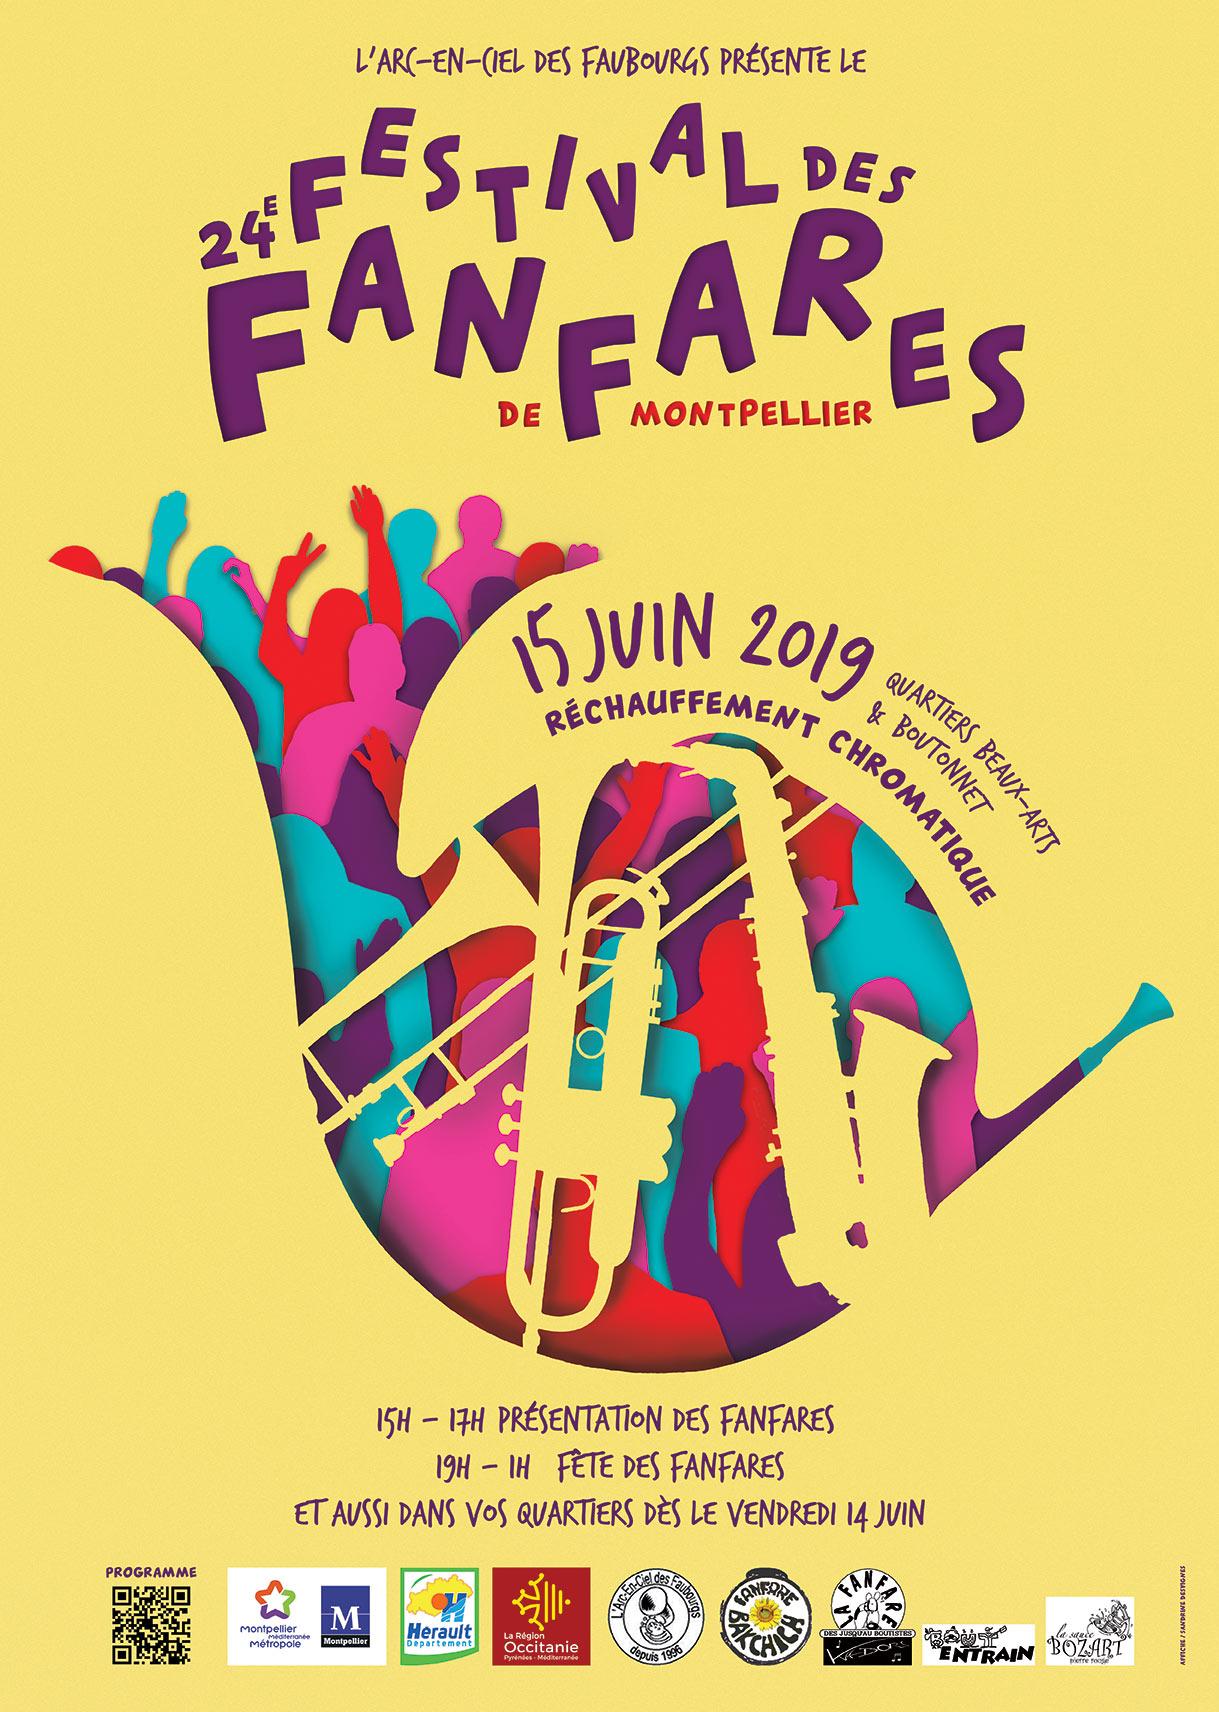 24ème Festival des Fanfares